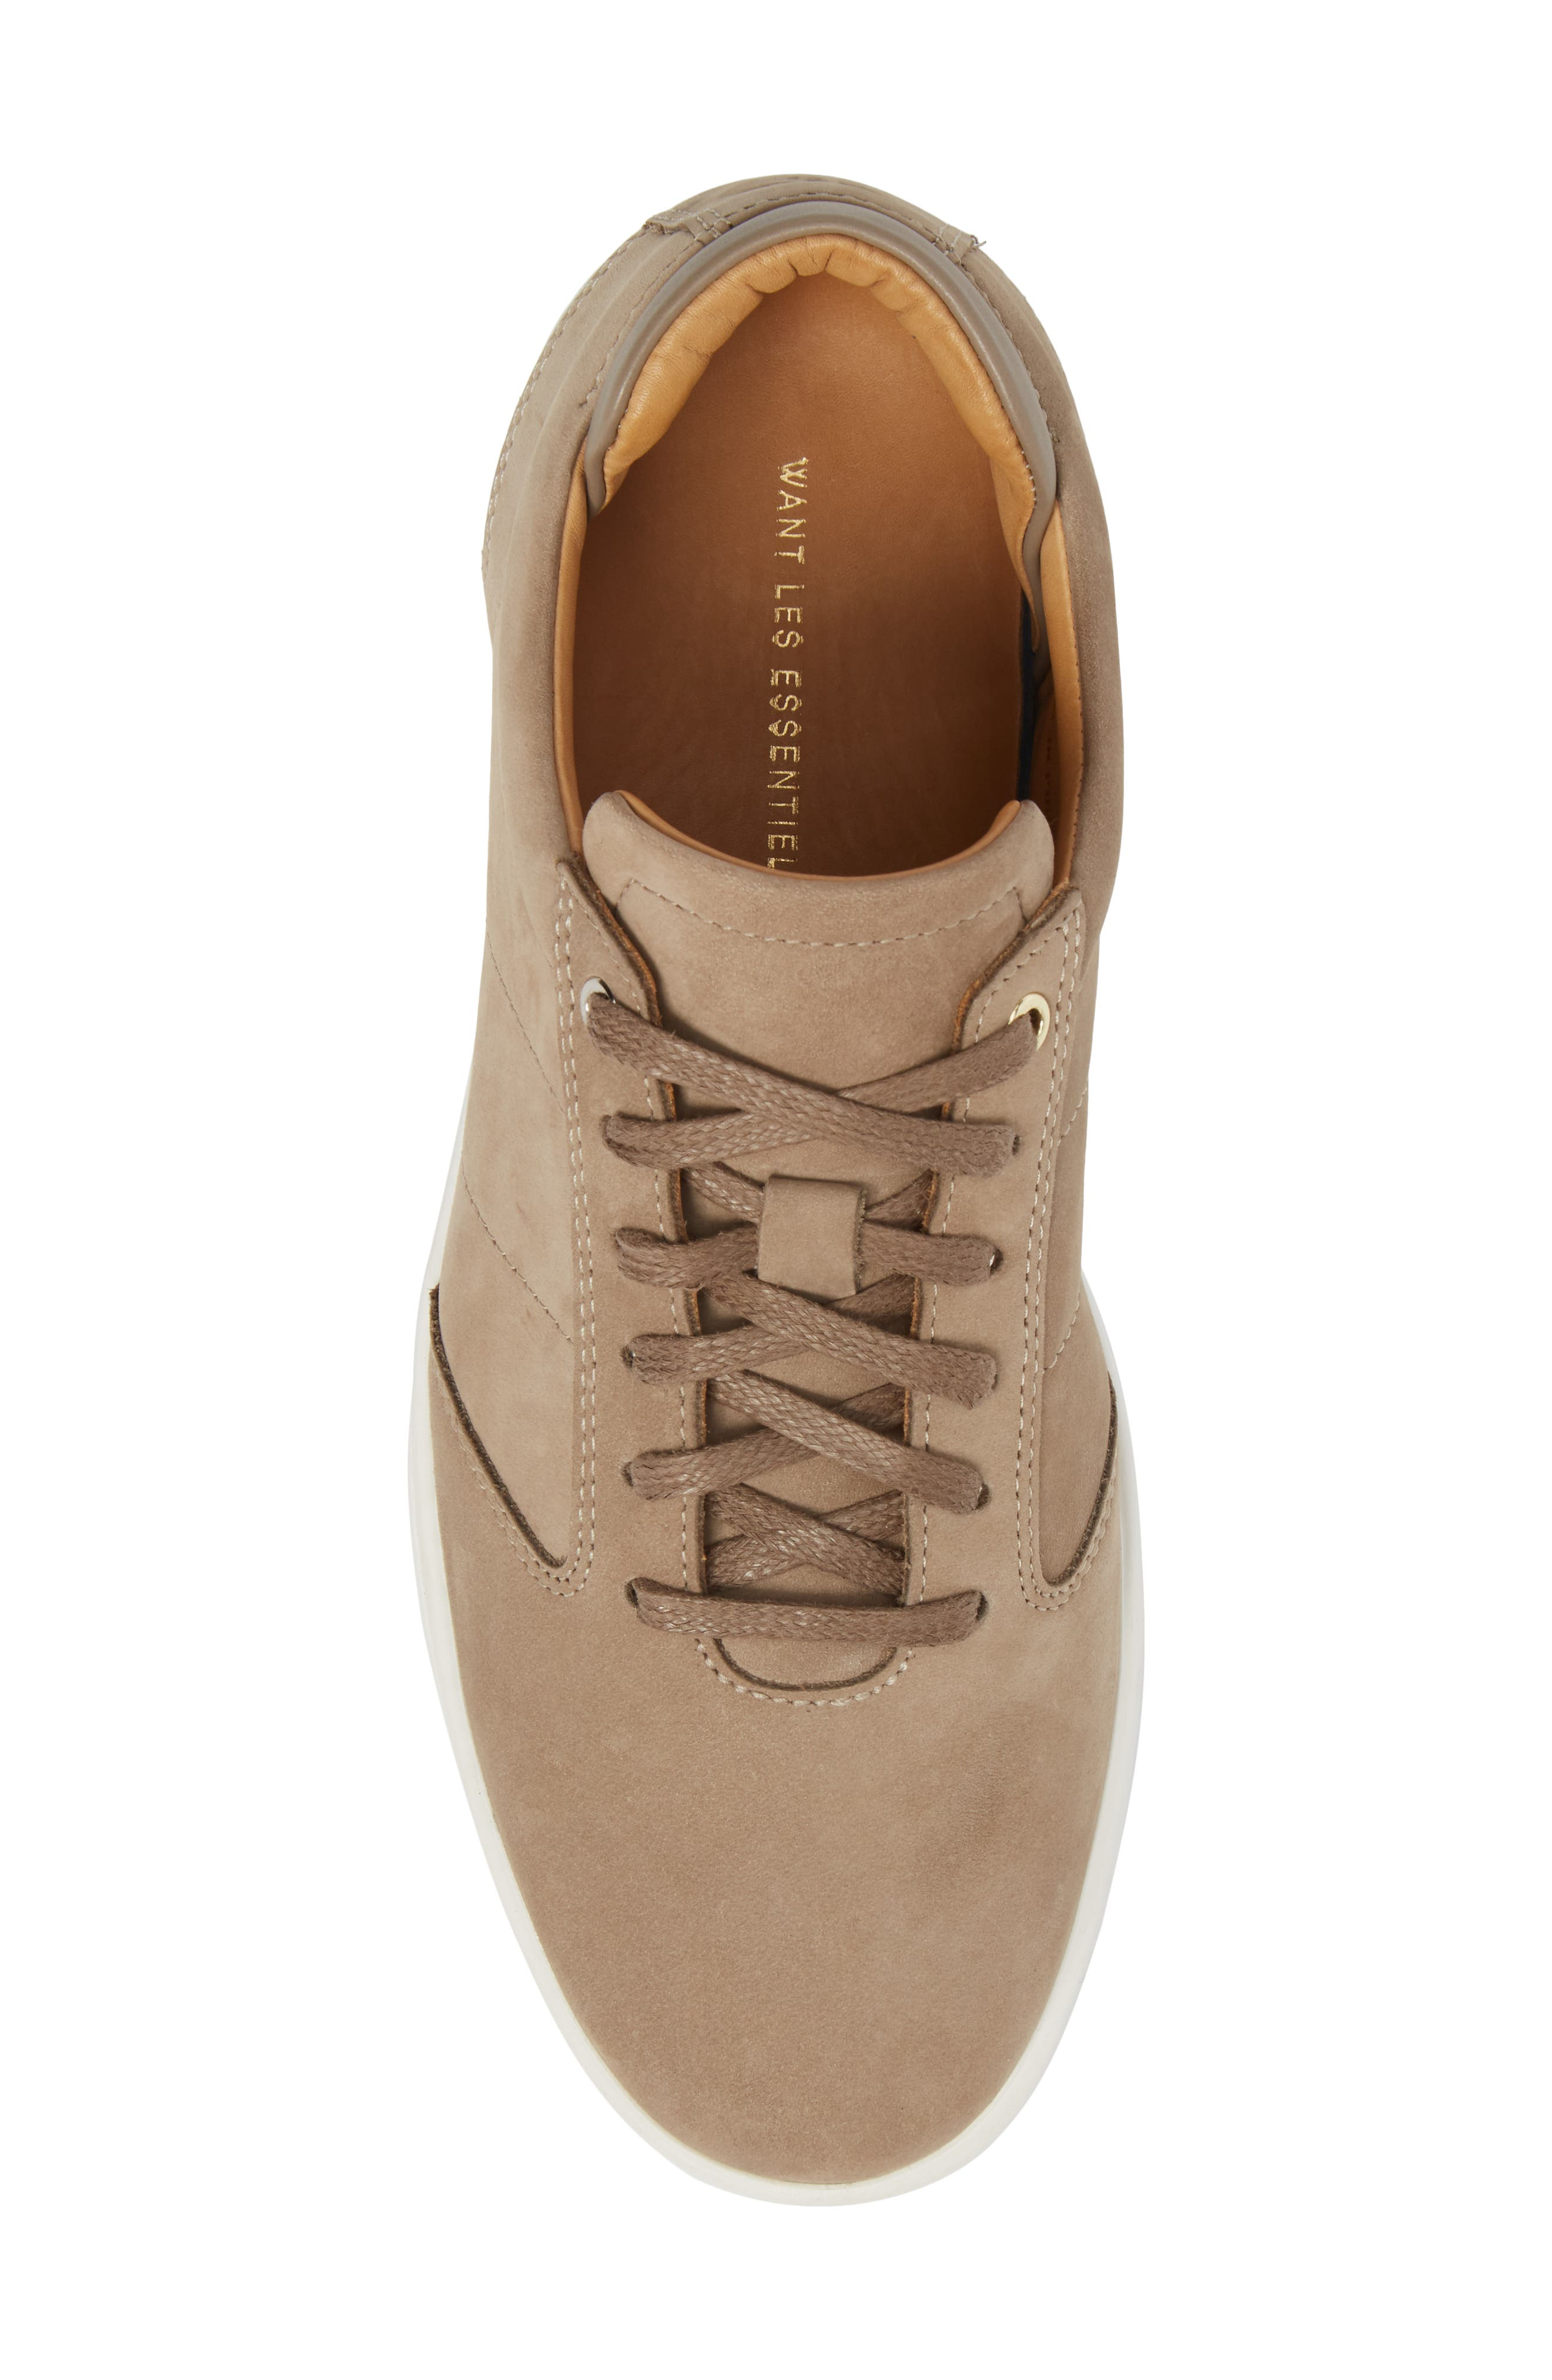 Lennon Sneaker,                             Alternate thumbnail 5, color,                             Woodsmoke/ Mushroom